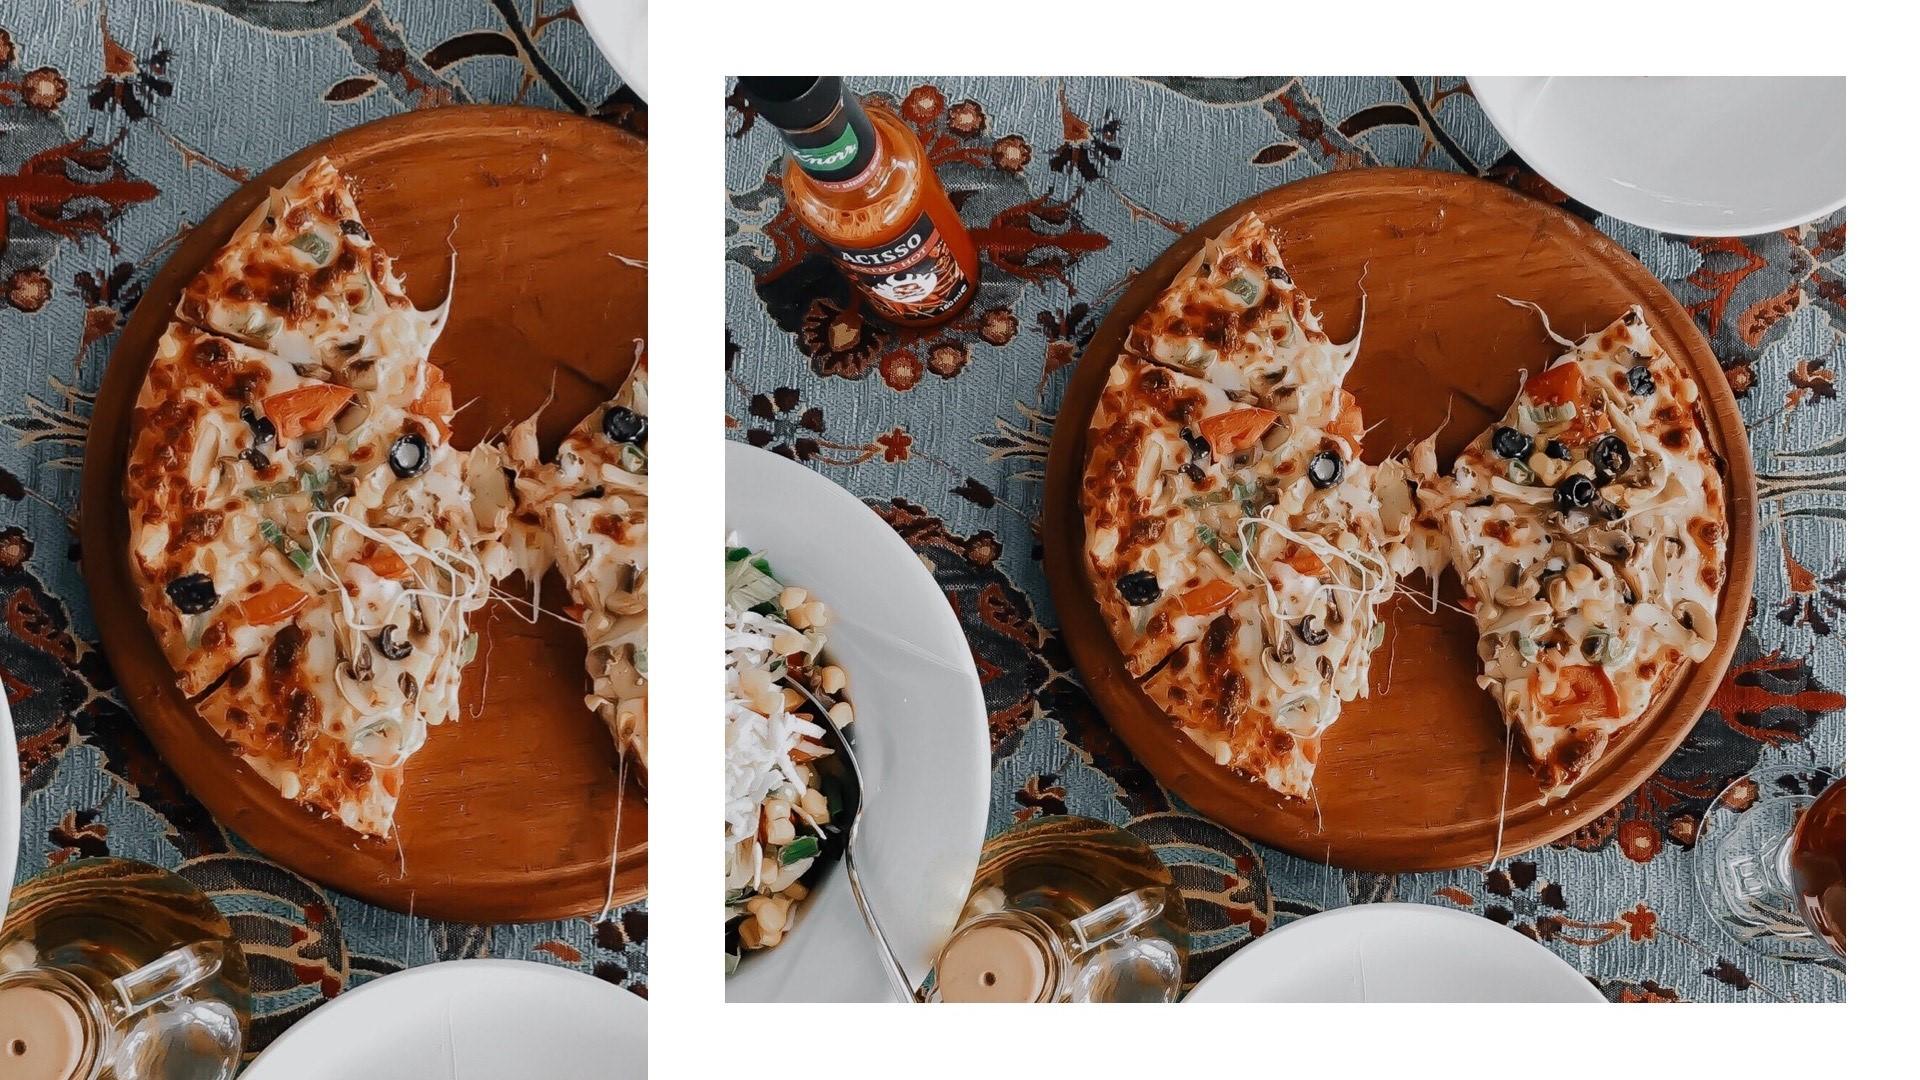 fakat-cok-gezdik-cinarlar-pizza